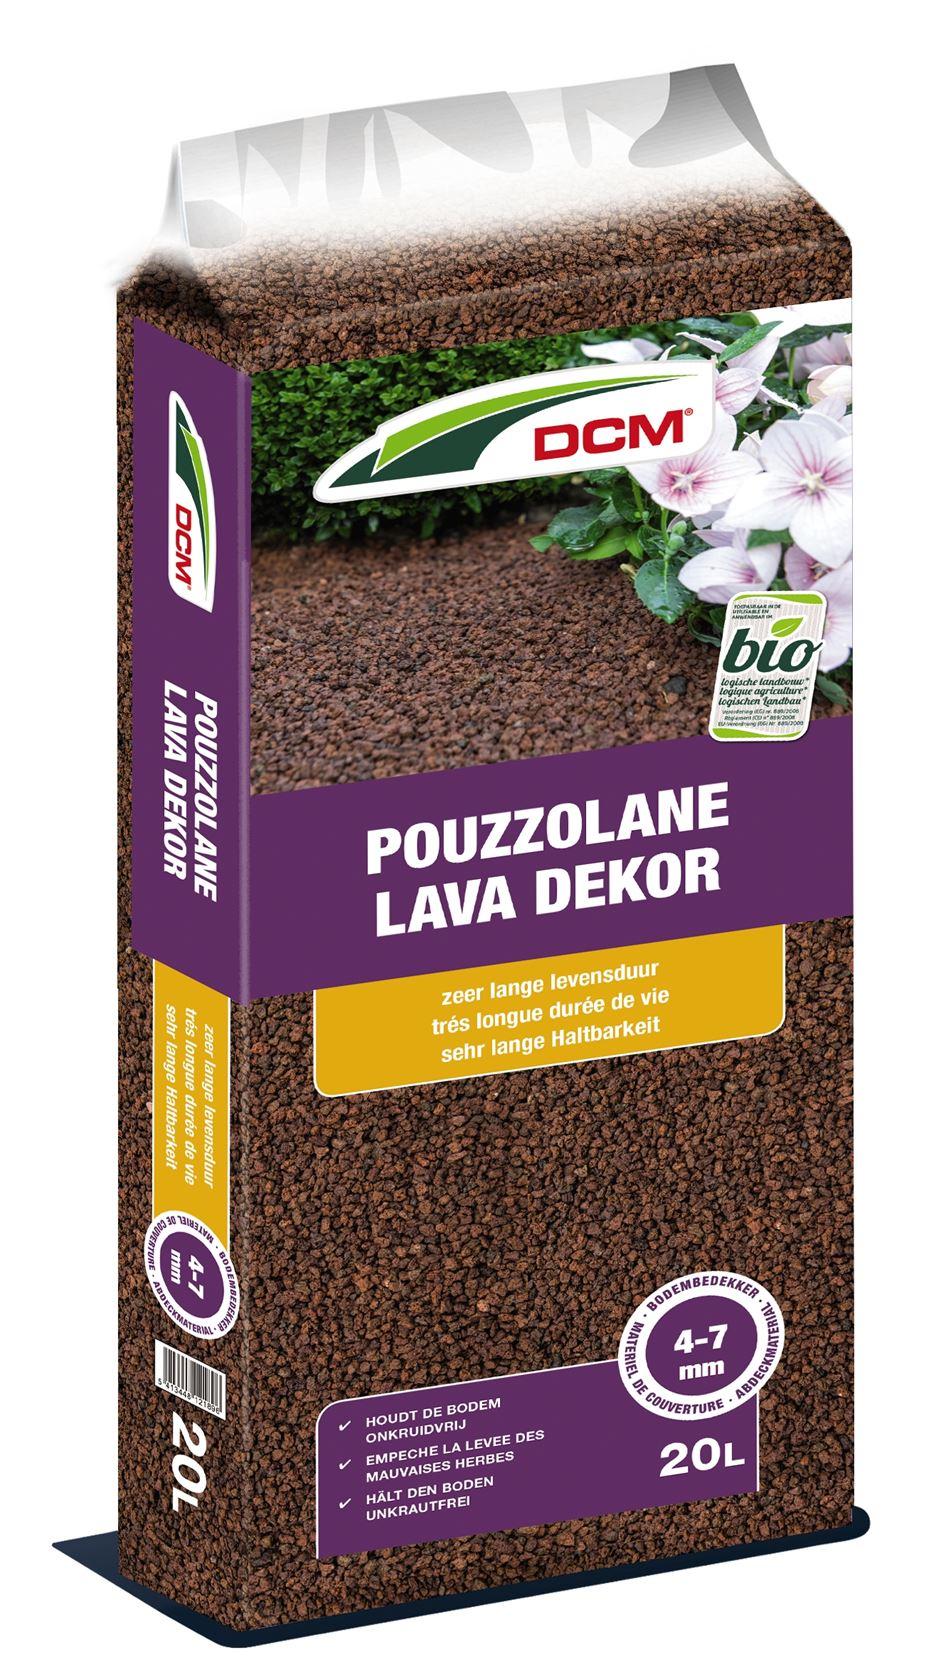 Pouzzolane-lava-dekor-20L-Bio-rode-lavakorrel-4-7mm